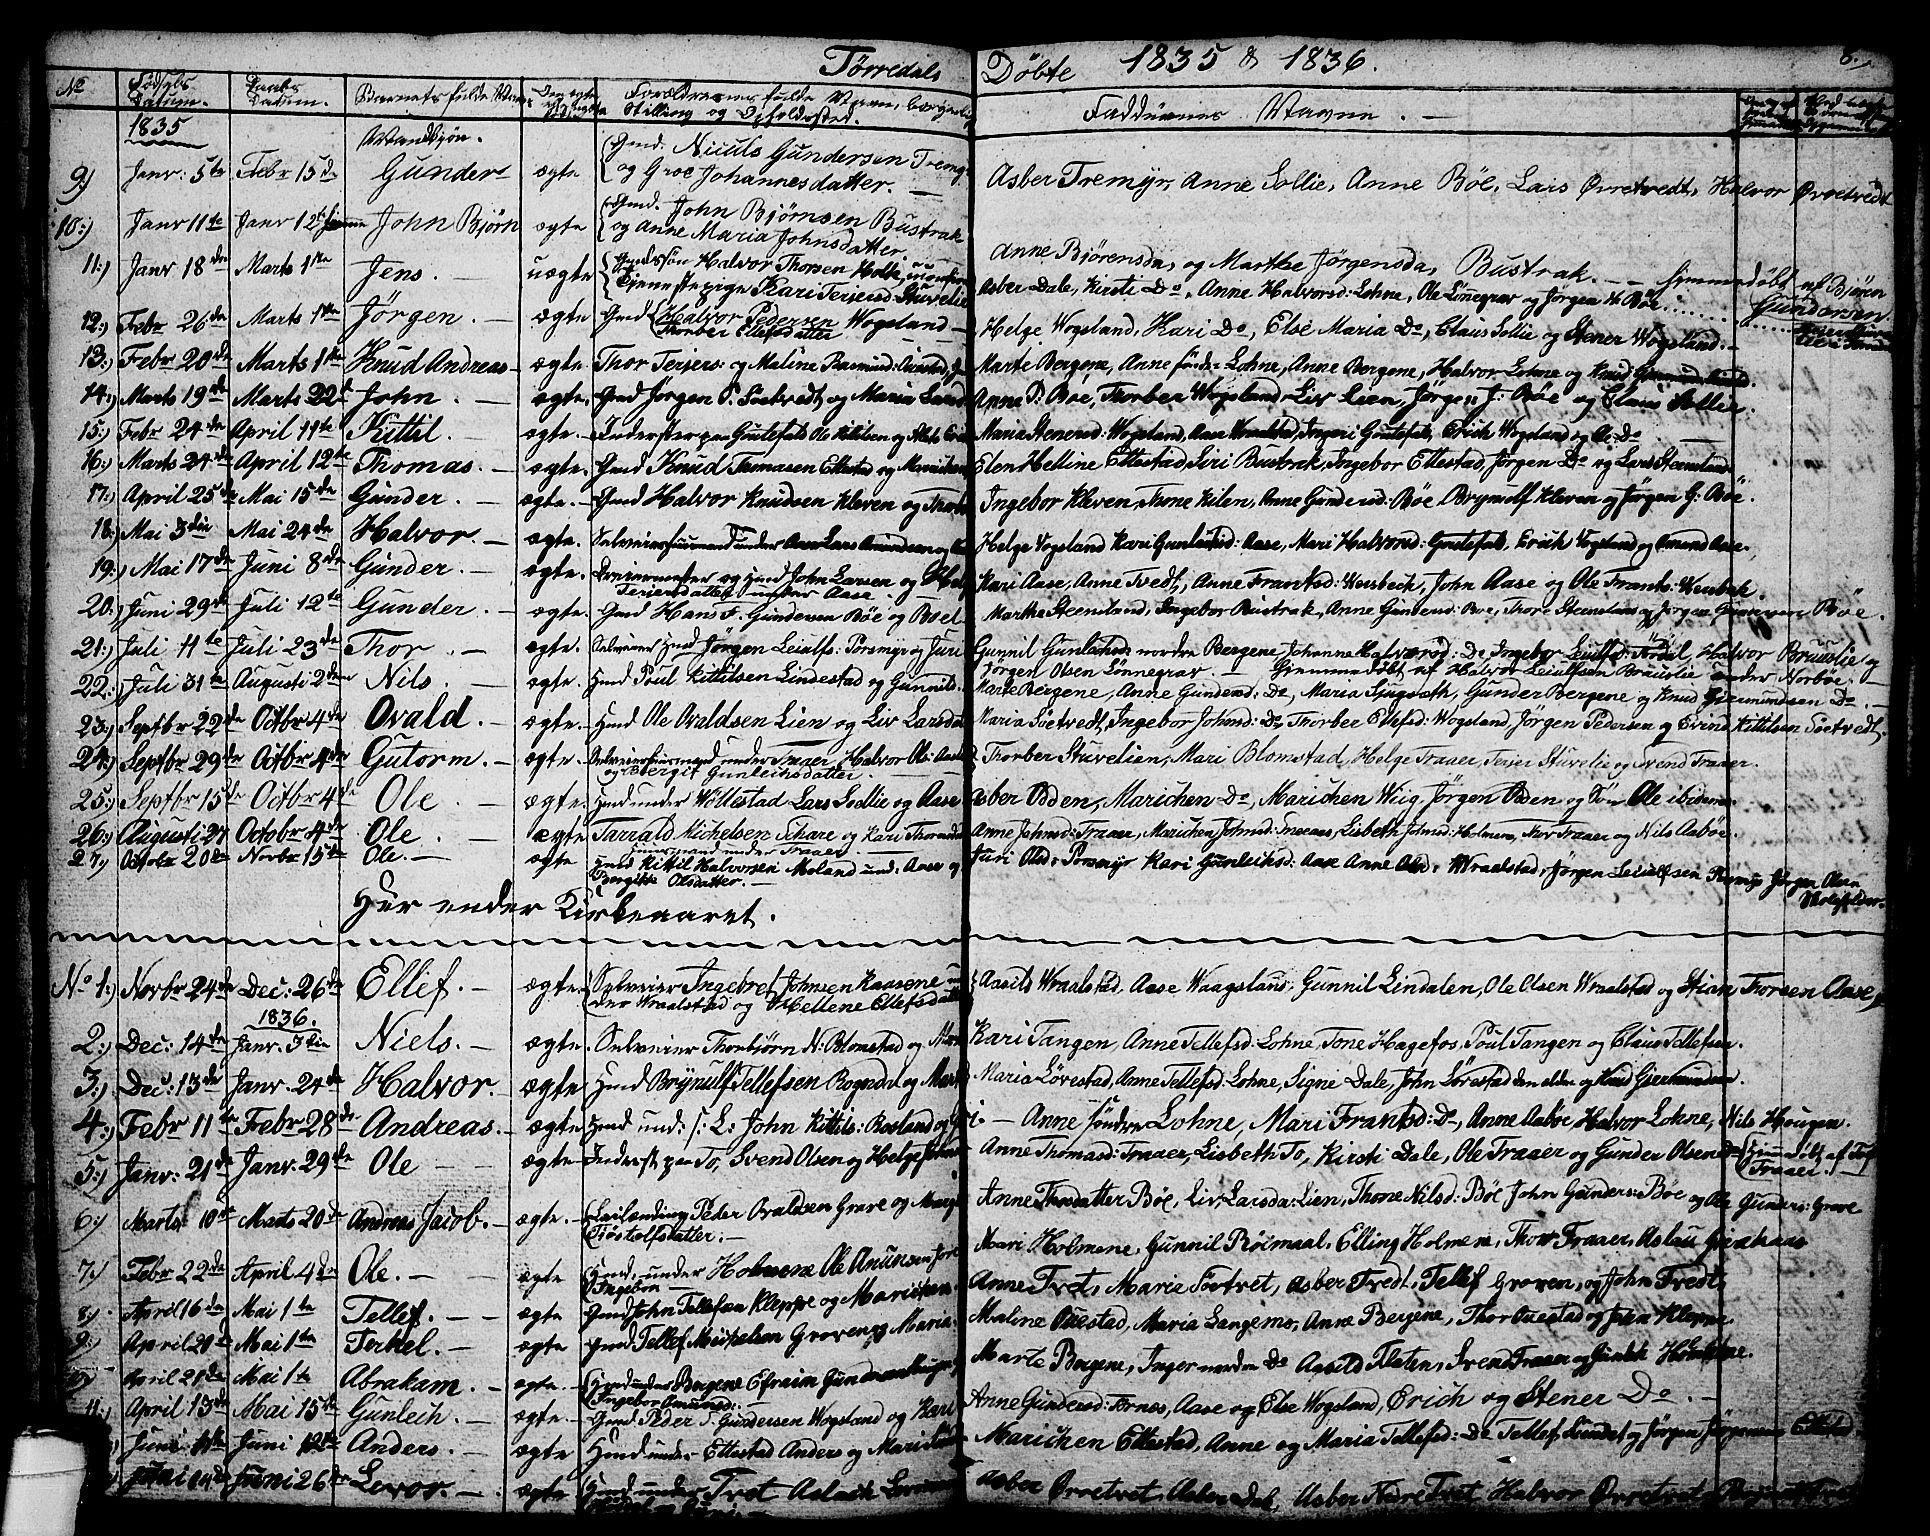 SAKO, Drangedal kirkebøker, G/Ga/L0001: Klokkerbok nr. I 1 /2, 1814-1856, s. 8